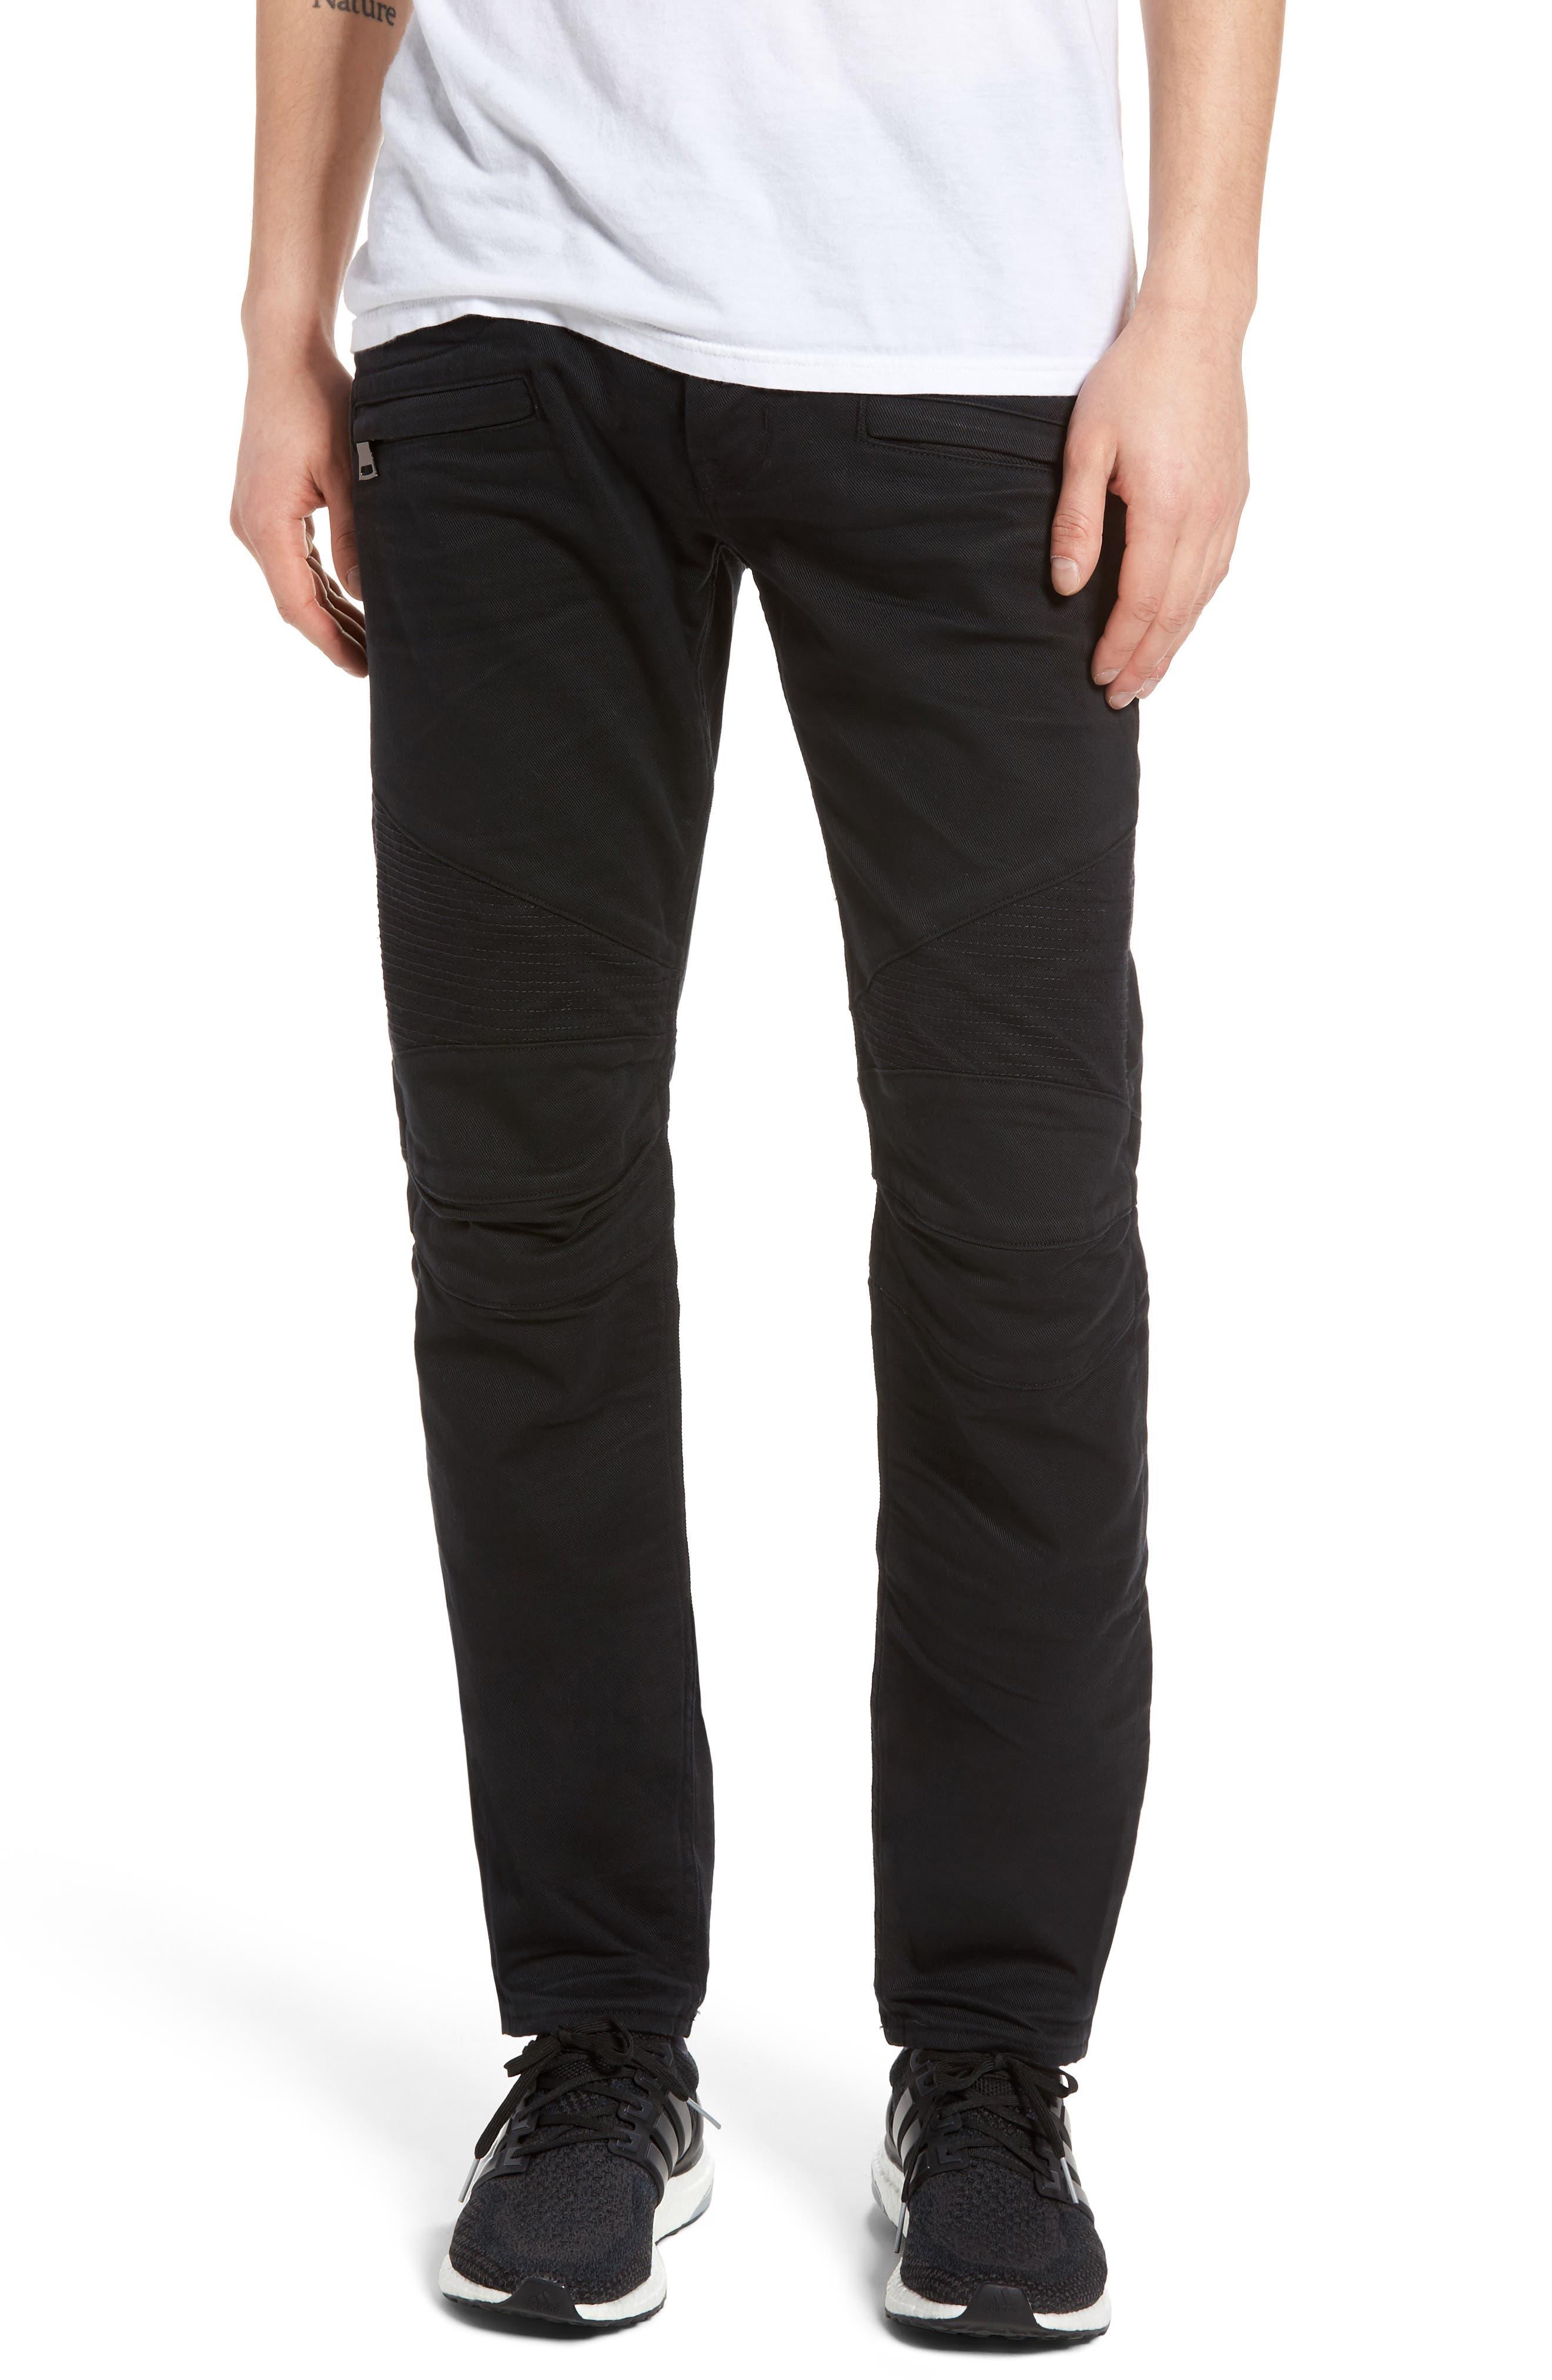 Main Image - Hudson Jeans Blinder Biker Skinny Fit Jeans (Blacklight)